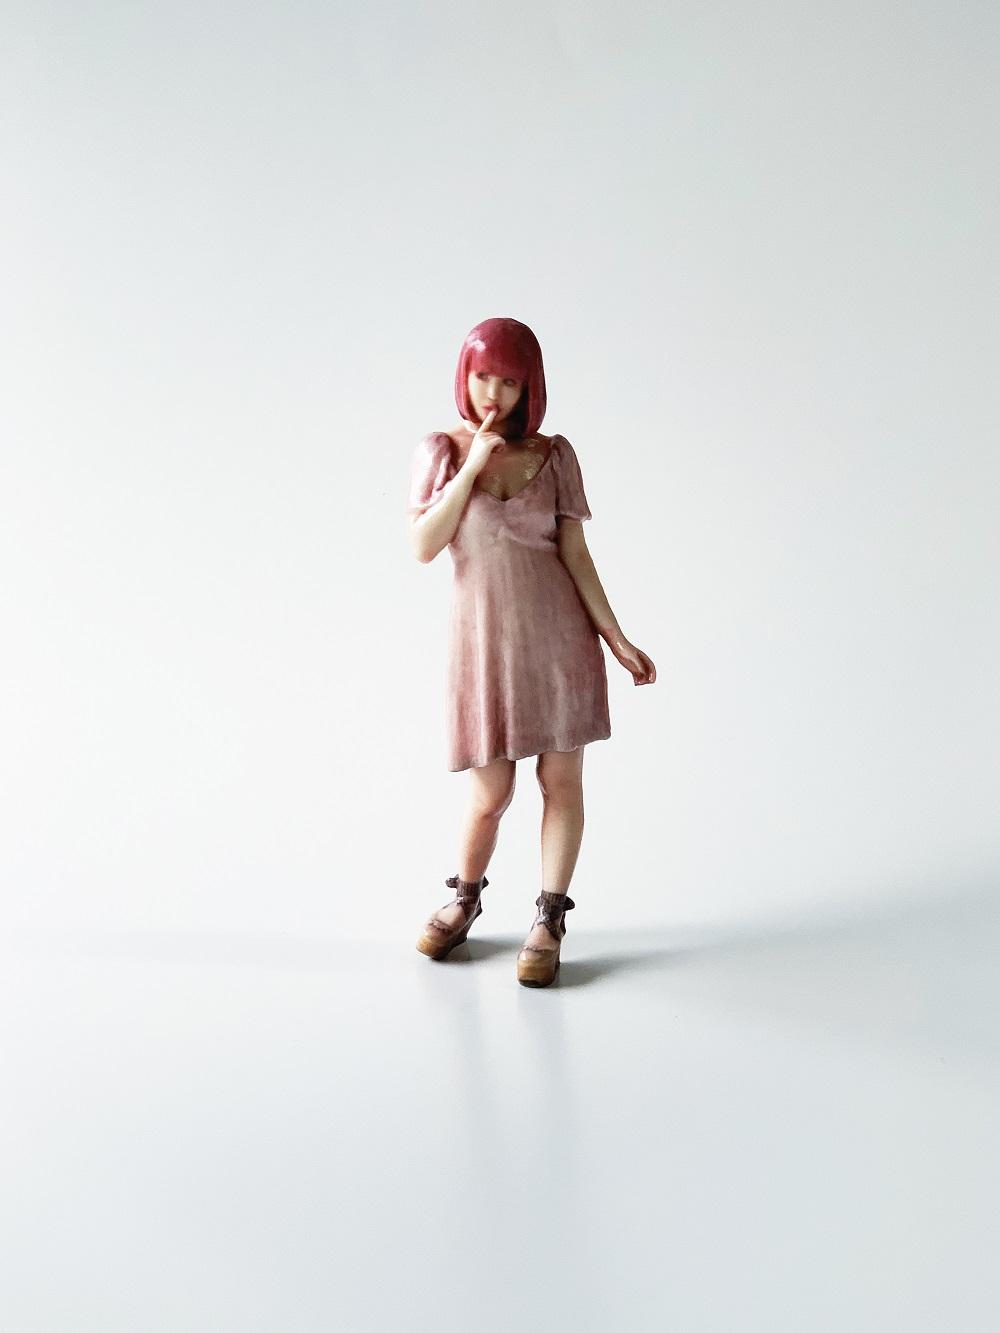 ⑦ ピンクベロアみゅうみゅう靖子ちゃん